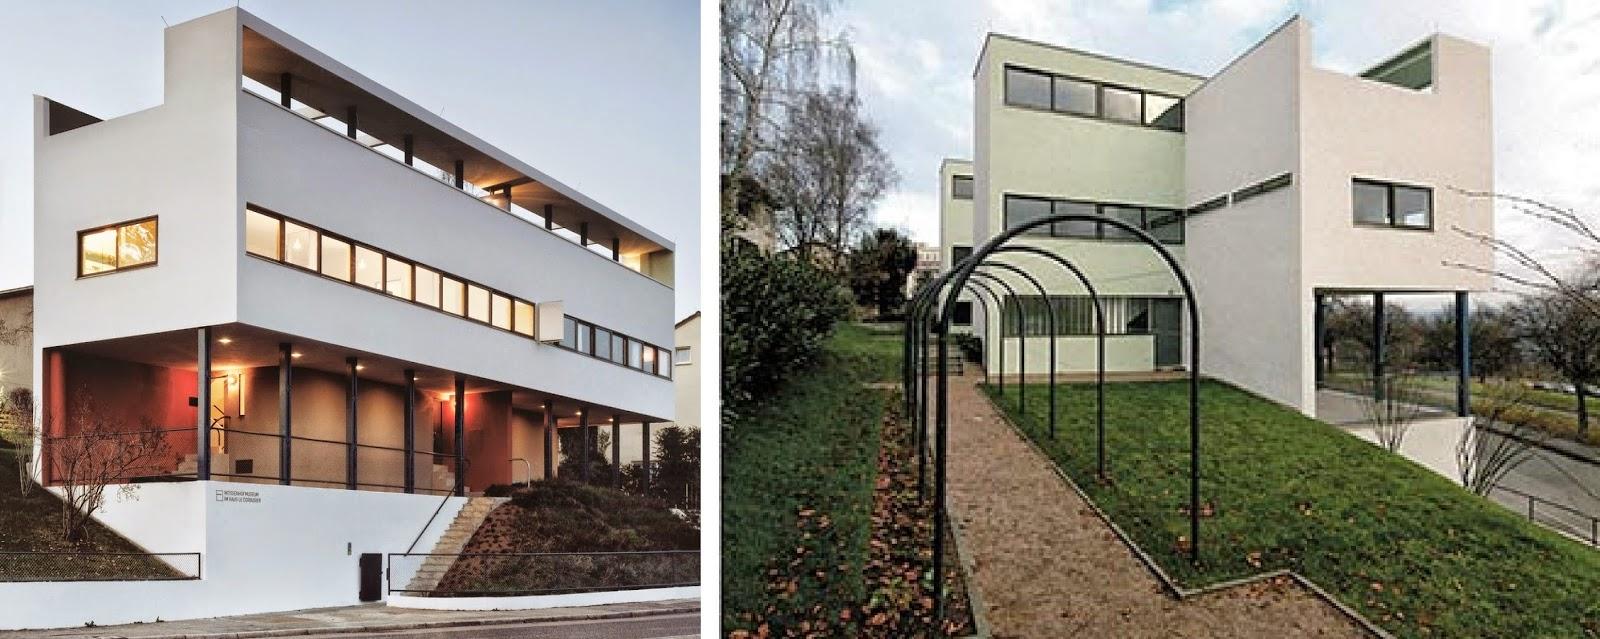 Casa weissenhof le corbusier - Casas de le corbusier ...